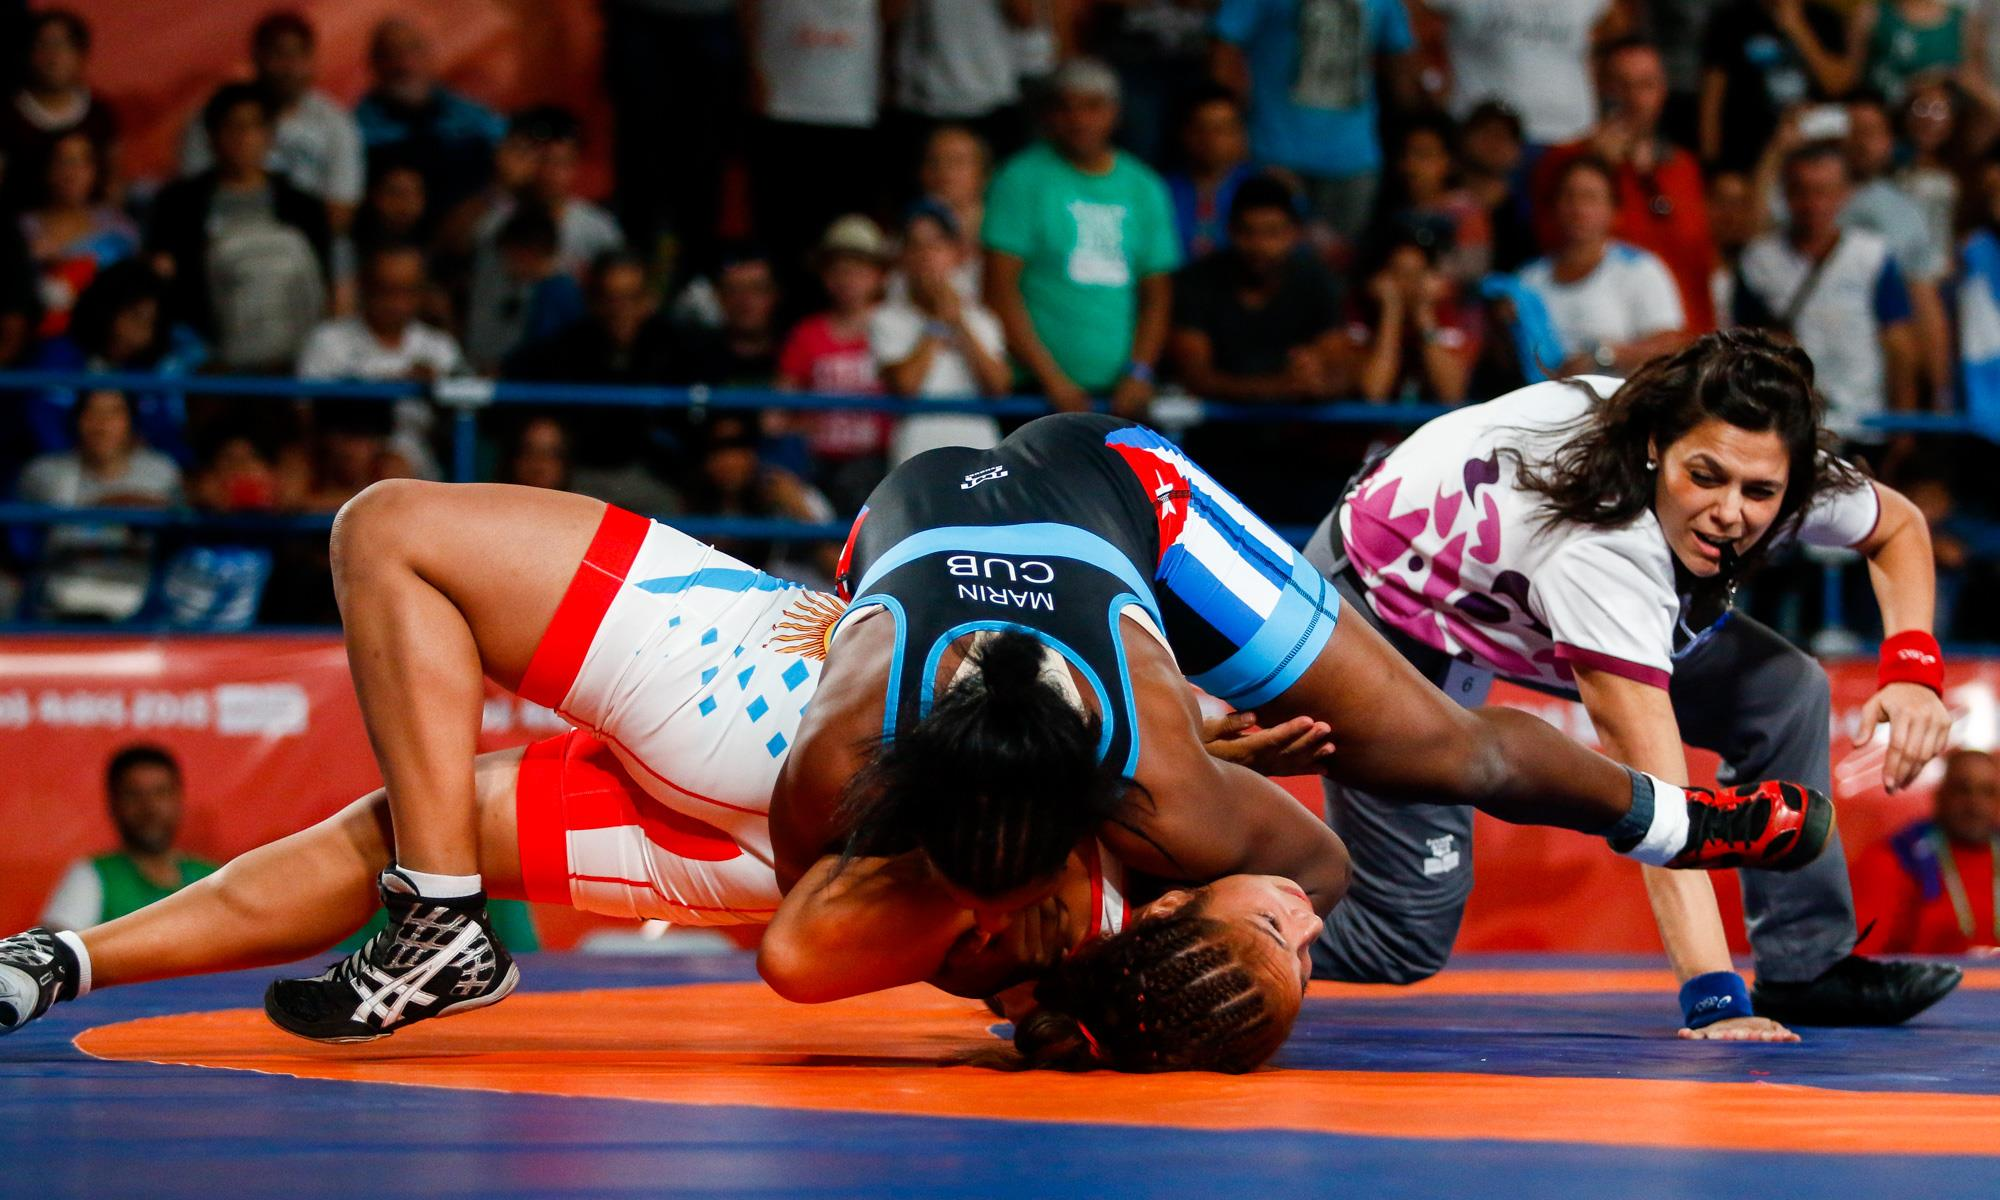 Milaimys de la Caridad Marín fue un huracán en Buenos Aires y logró la primera medalla olímpica de la lucha femenina cubana. Foto: Calixto N. Llanes